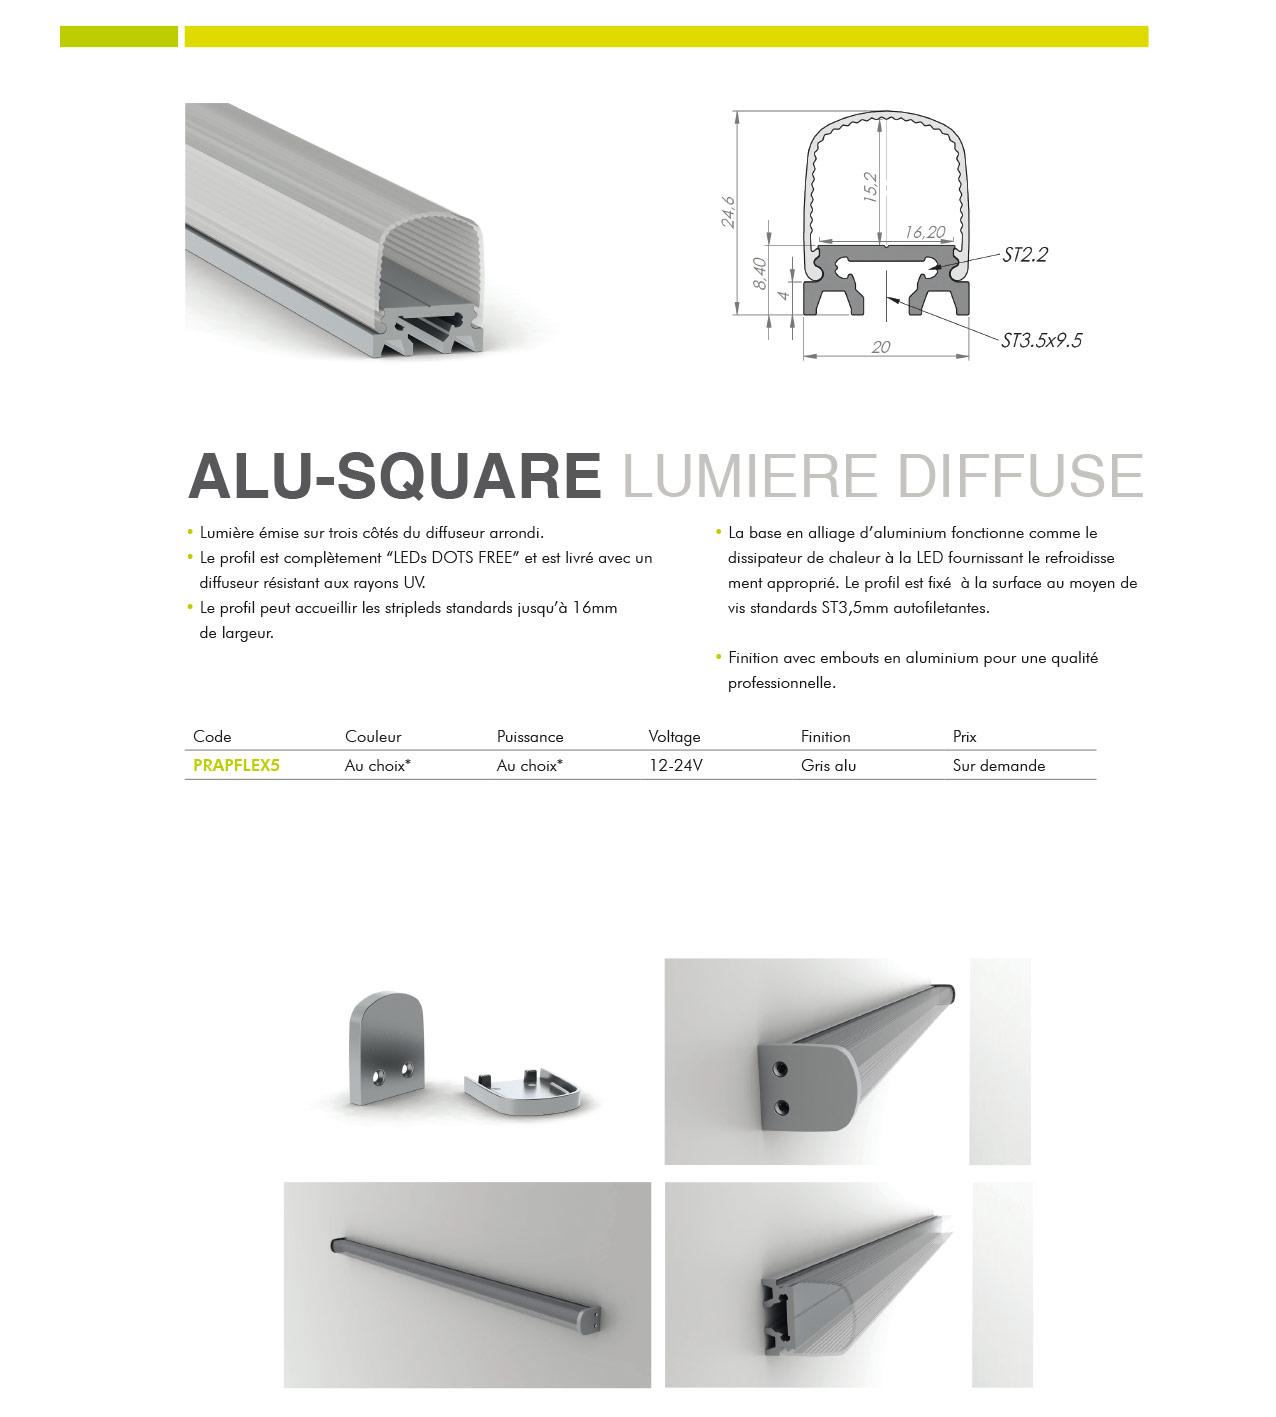 alu-square-lumiere-diffuse